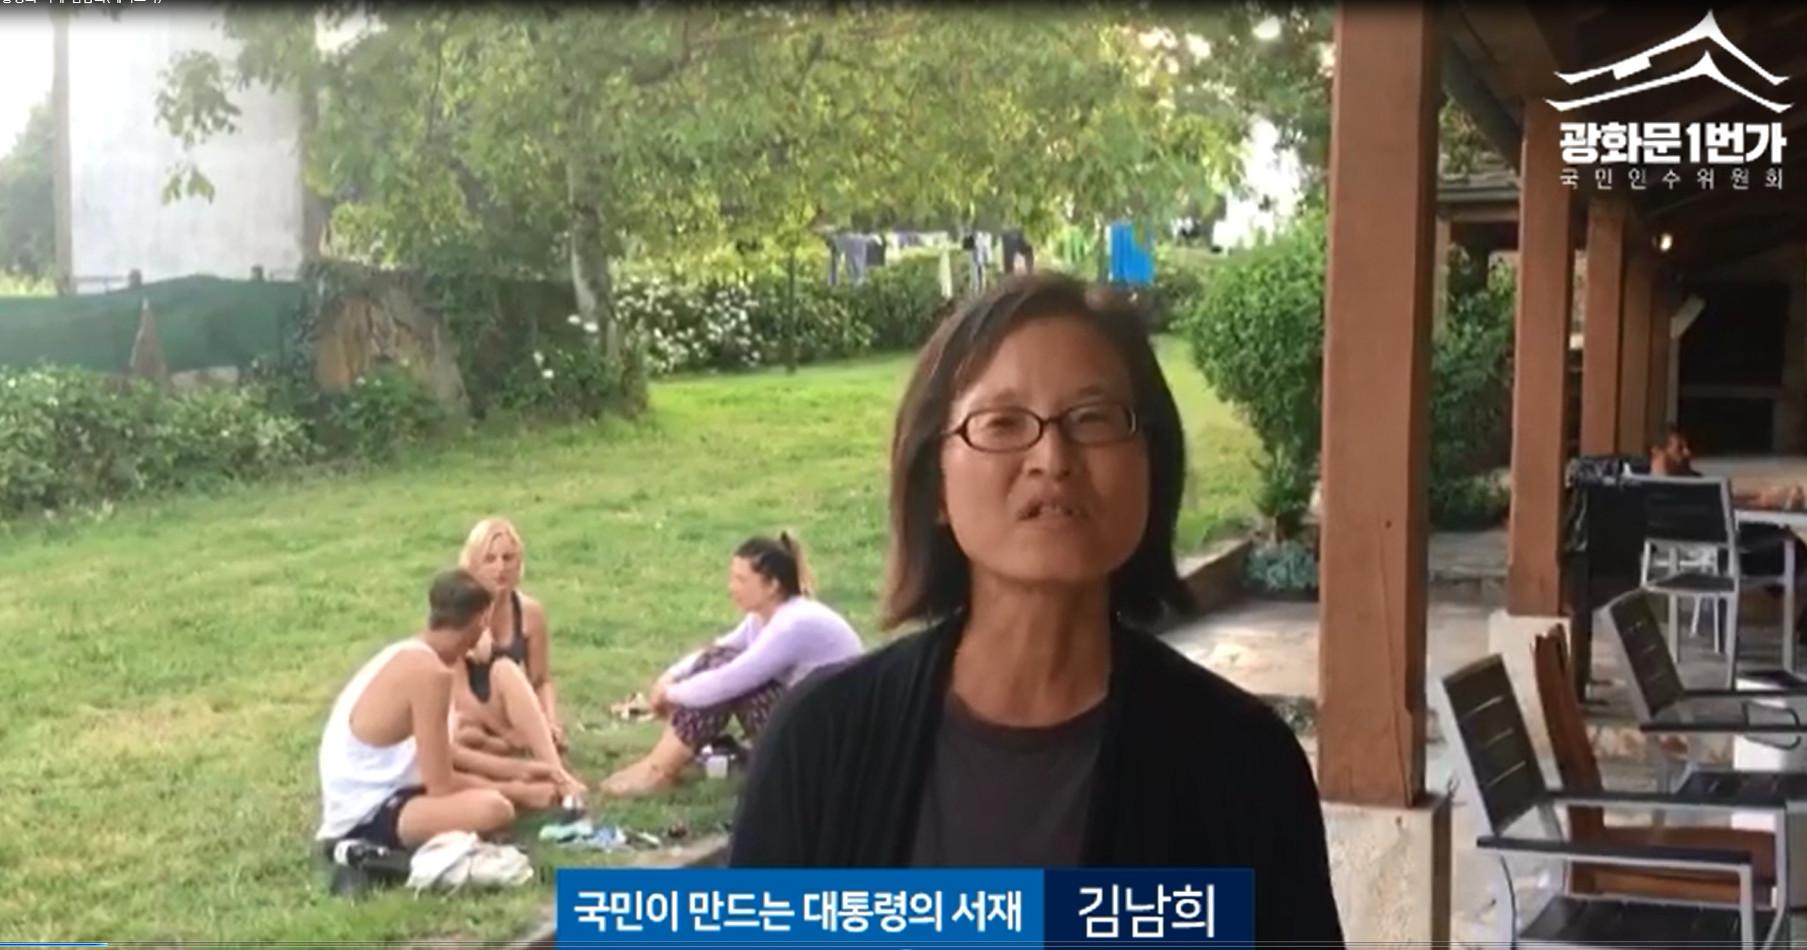 대통령의 서재, 다섯 번째 릴레이 - 김남희씨